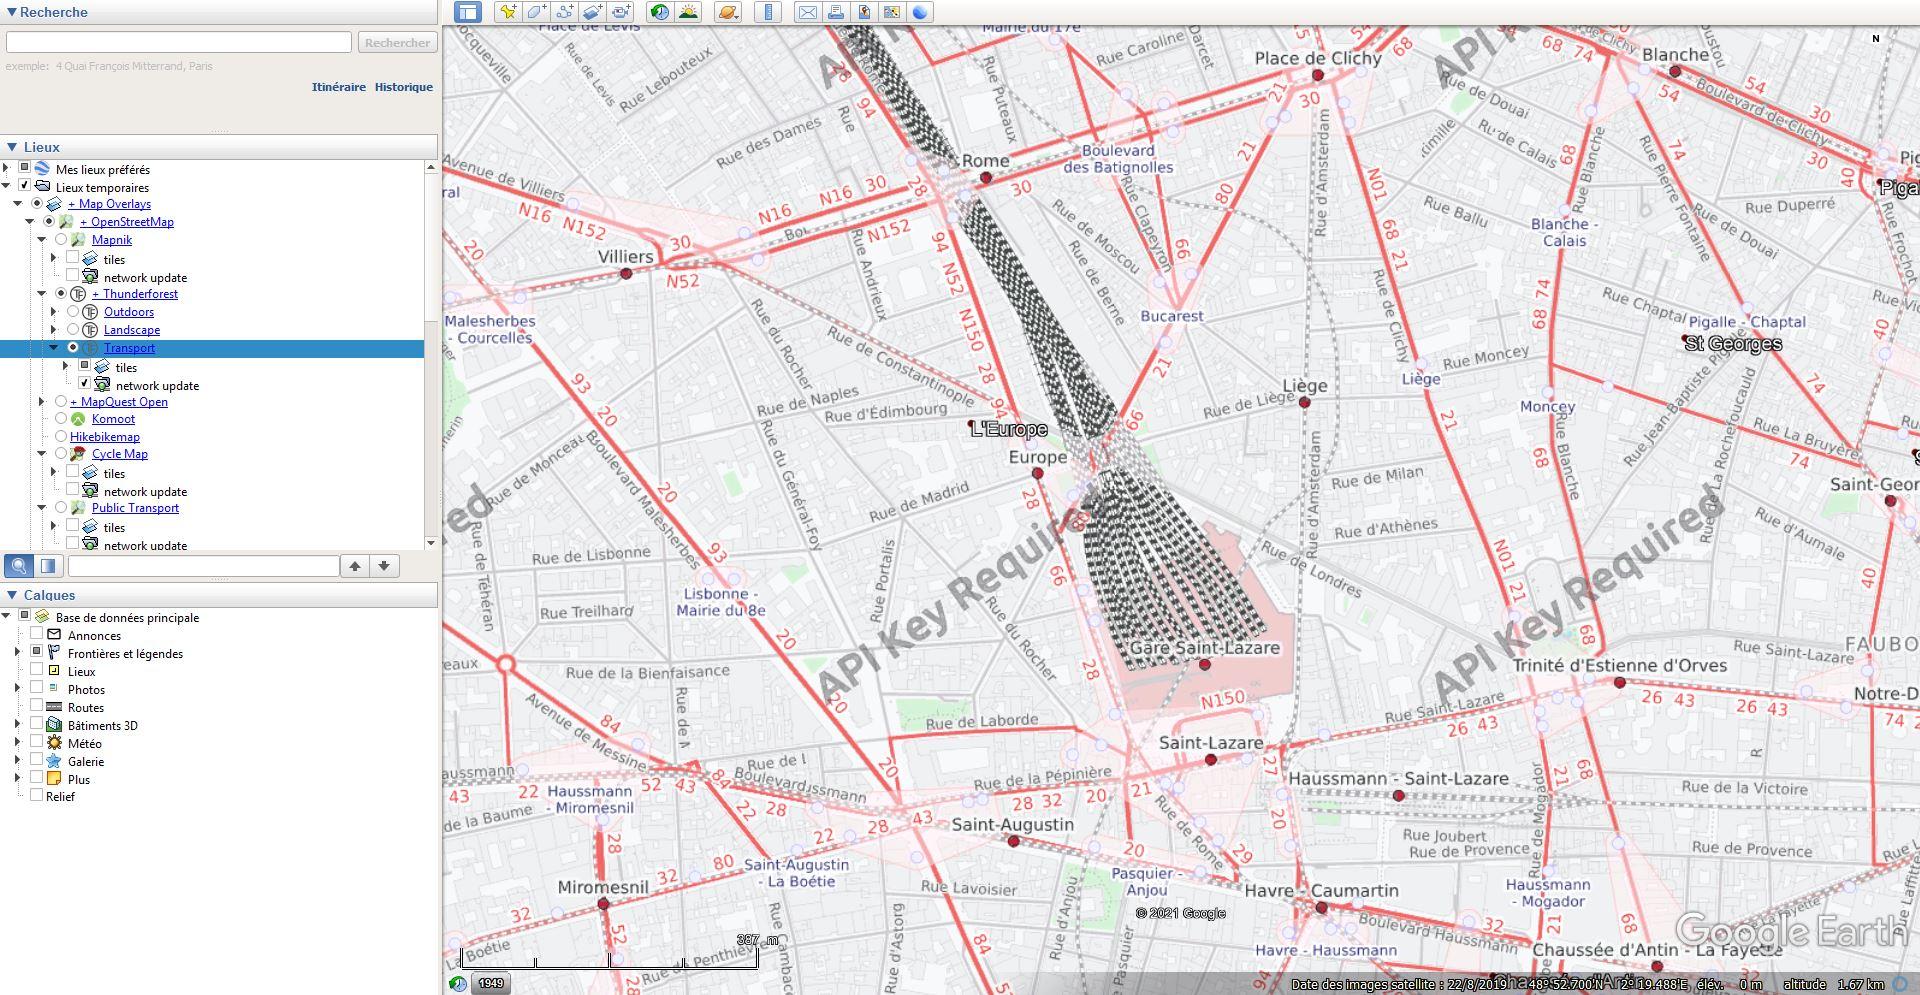 Les chemins de fer en Europe : toutes les gares [fichier KML pour Google Earth] Tsge1975